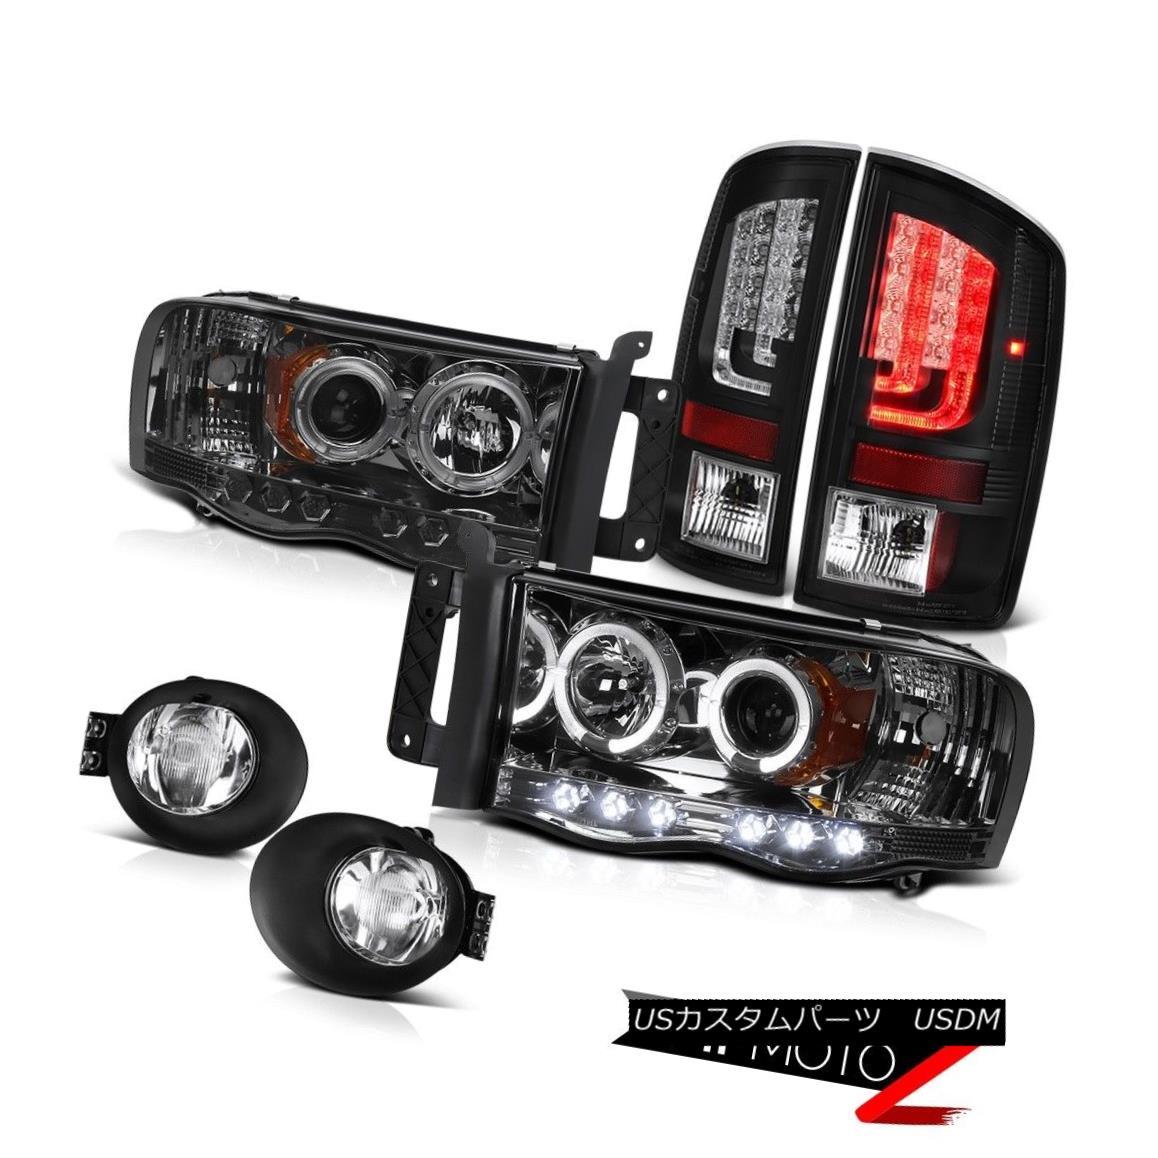 テールライト 02-05 Dodge Ram 1500 2500 ST Black Tail Lamps Foglights Projector Headlights LED 02-05 Dodge Ram 1500 2500 STブラックテールランプFoglightsプロジェクターヘッドライトLED